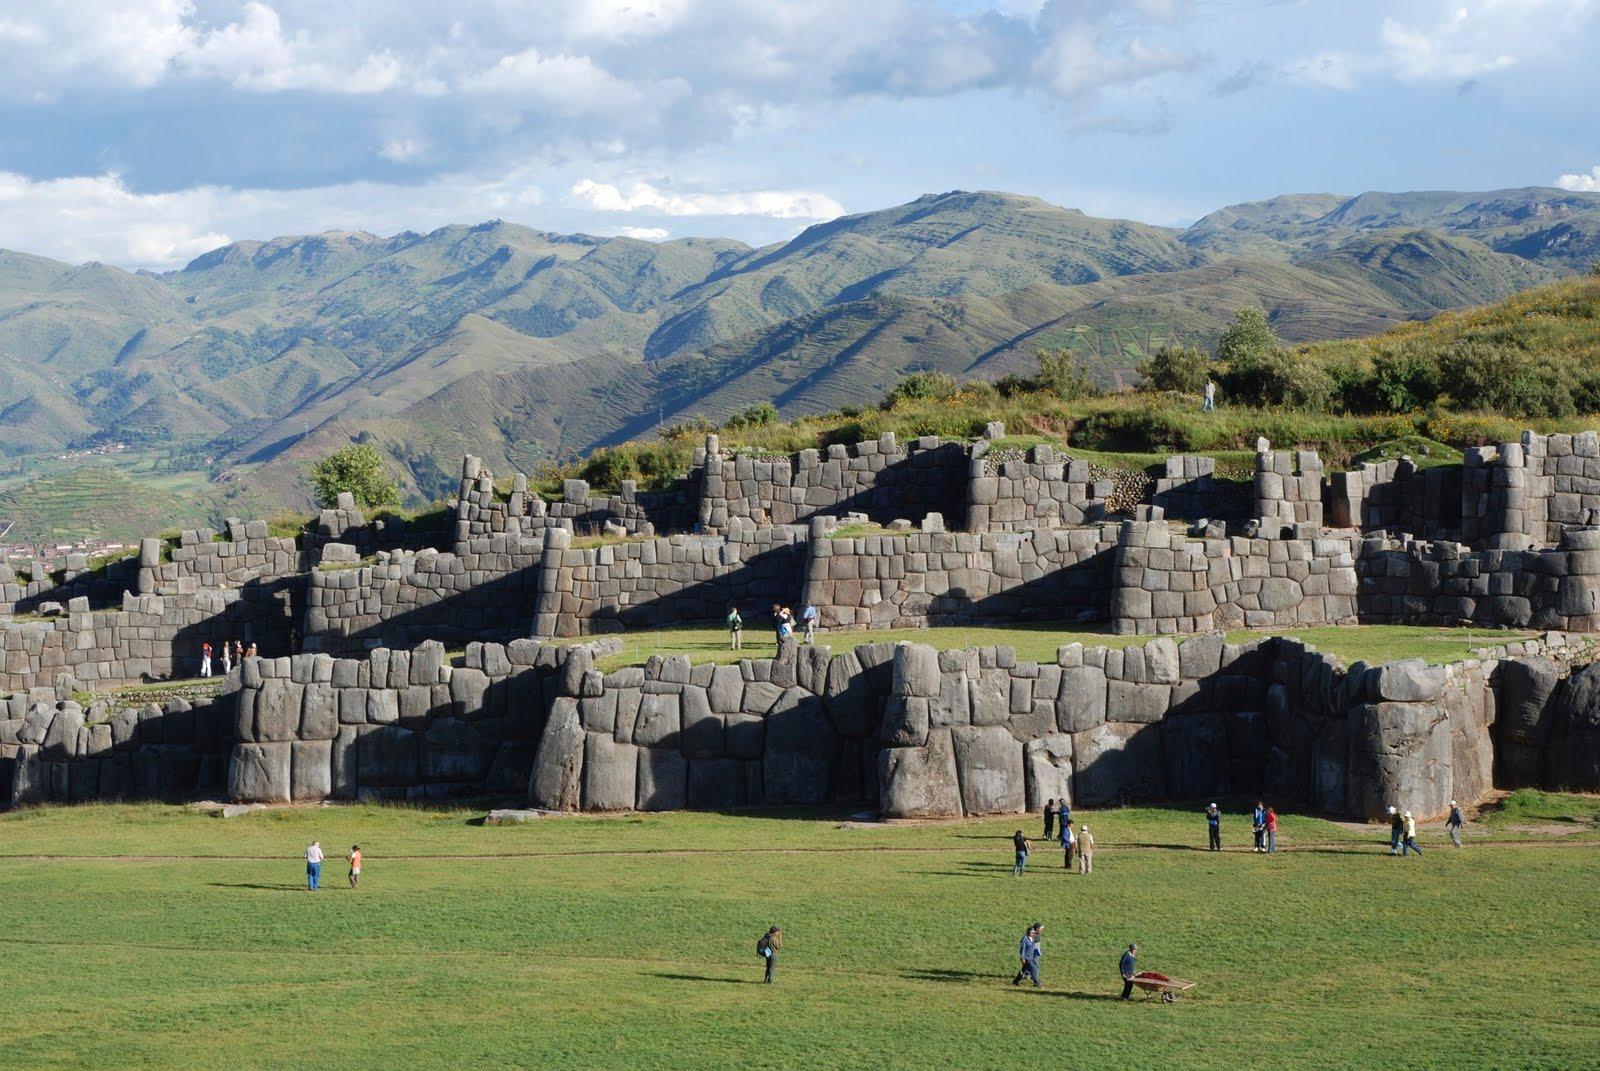 Saksaywaman, Саксайуаман